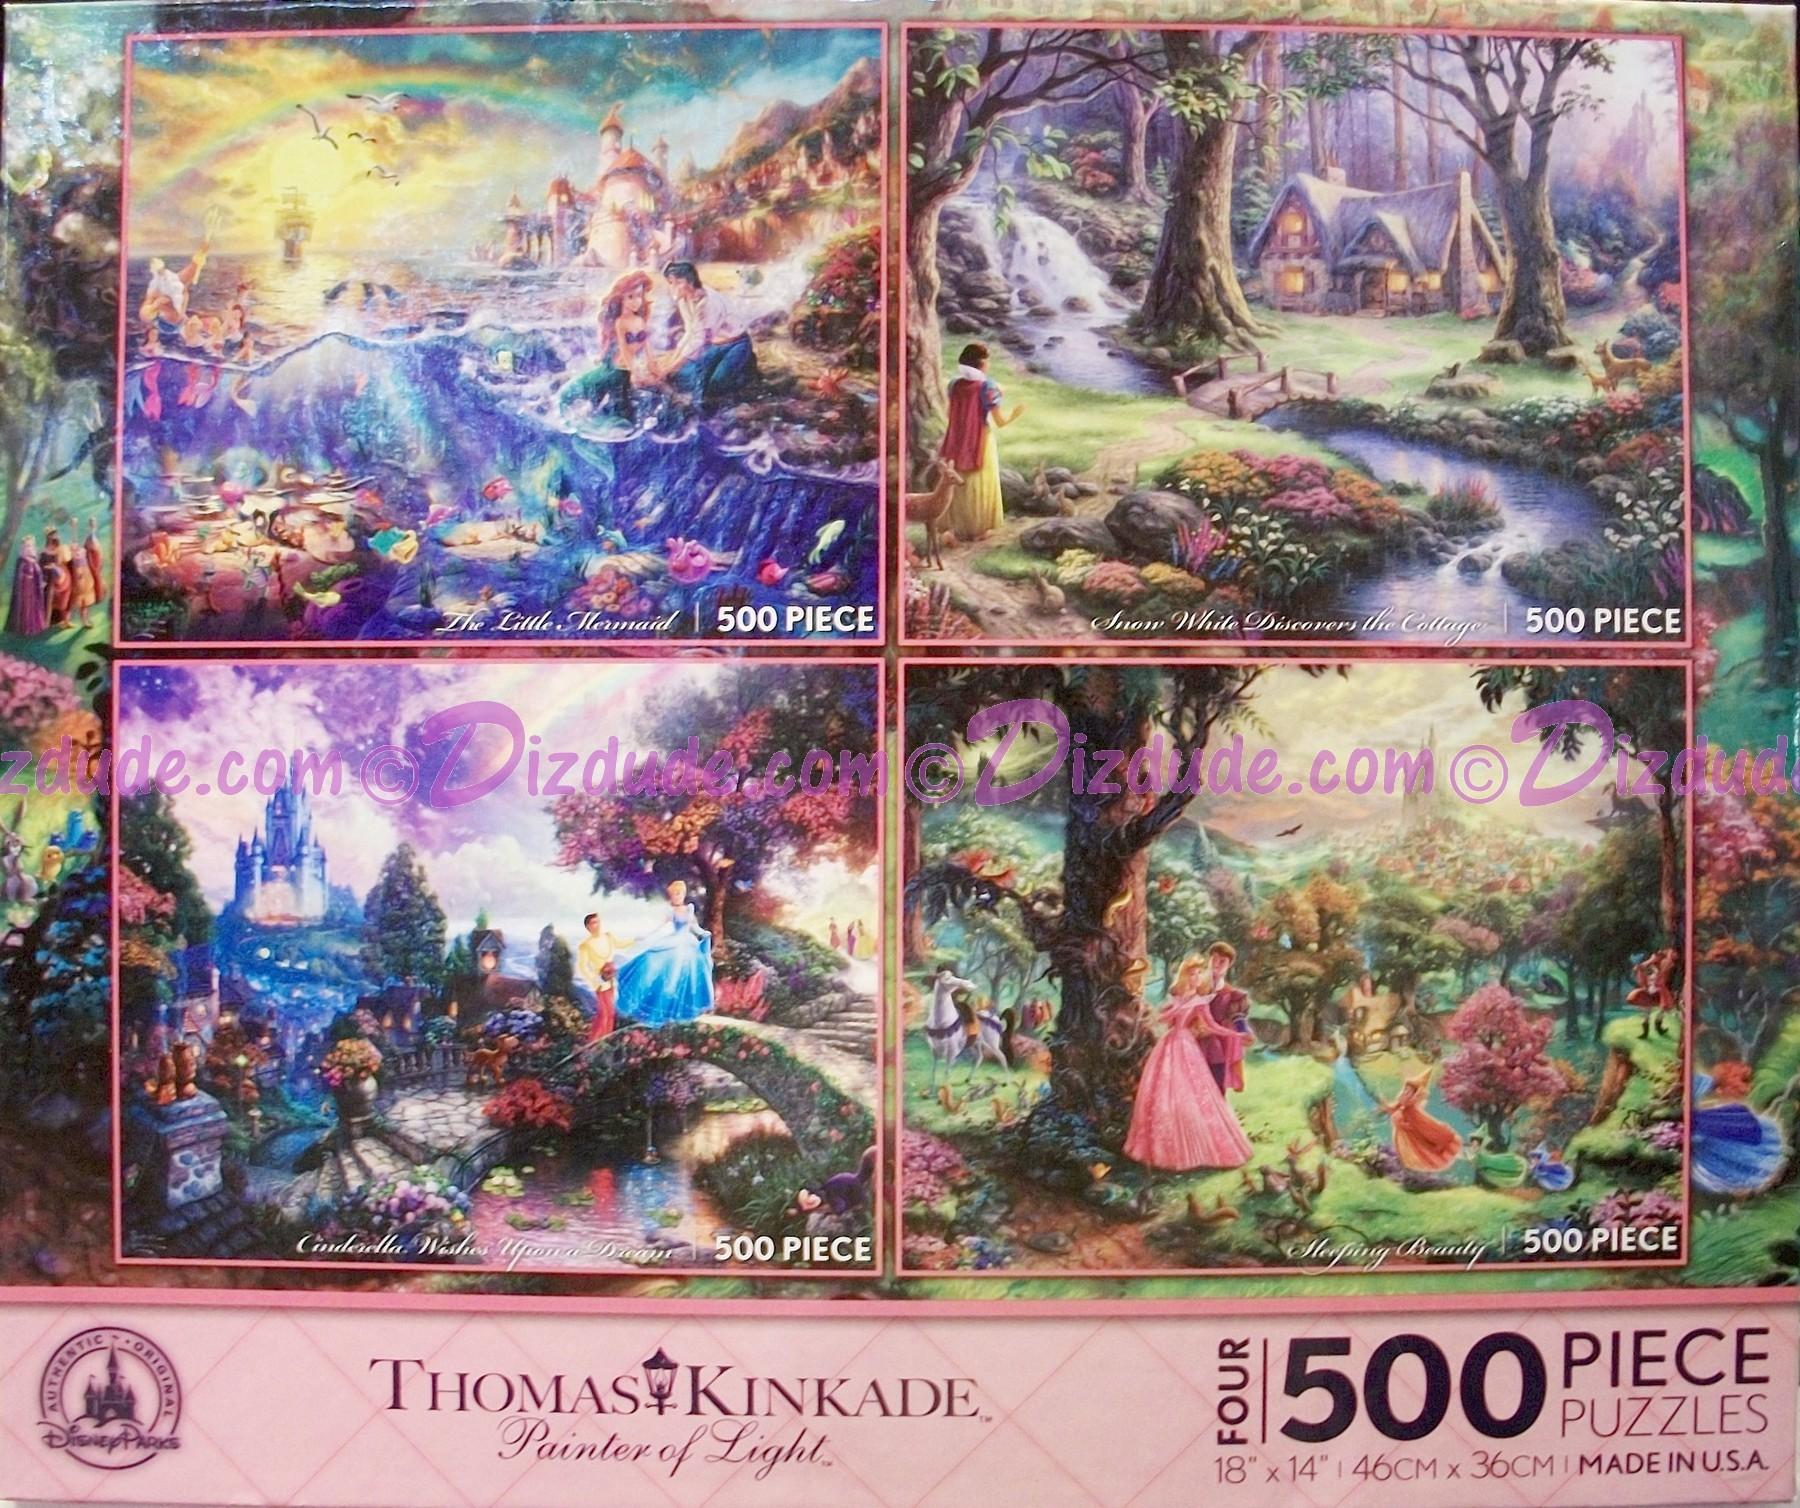 Disney World Princesses Four 500 Piece Thomas Kinkade Jigsaw Puzzles © Dizdude.com